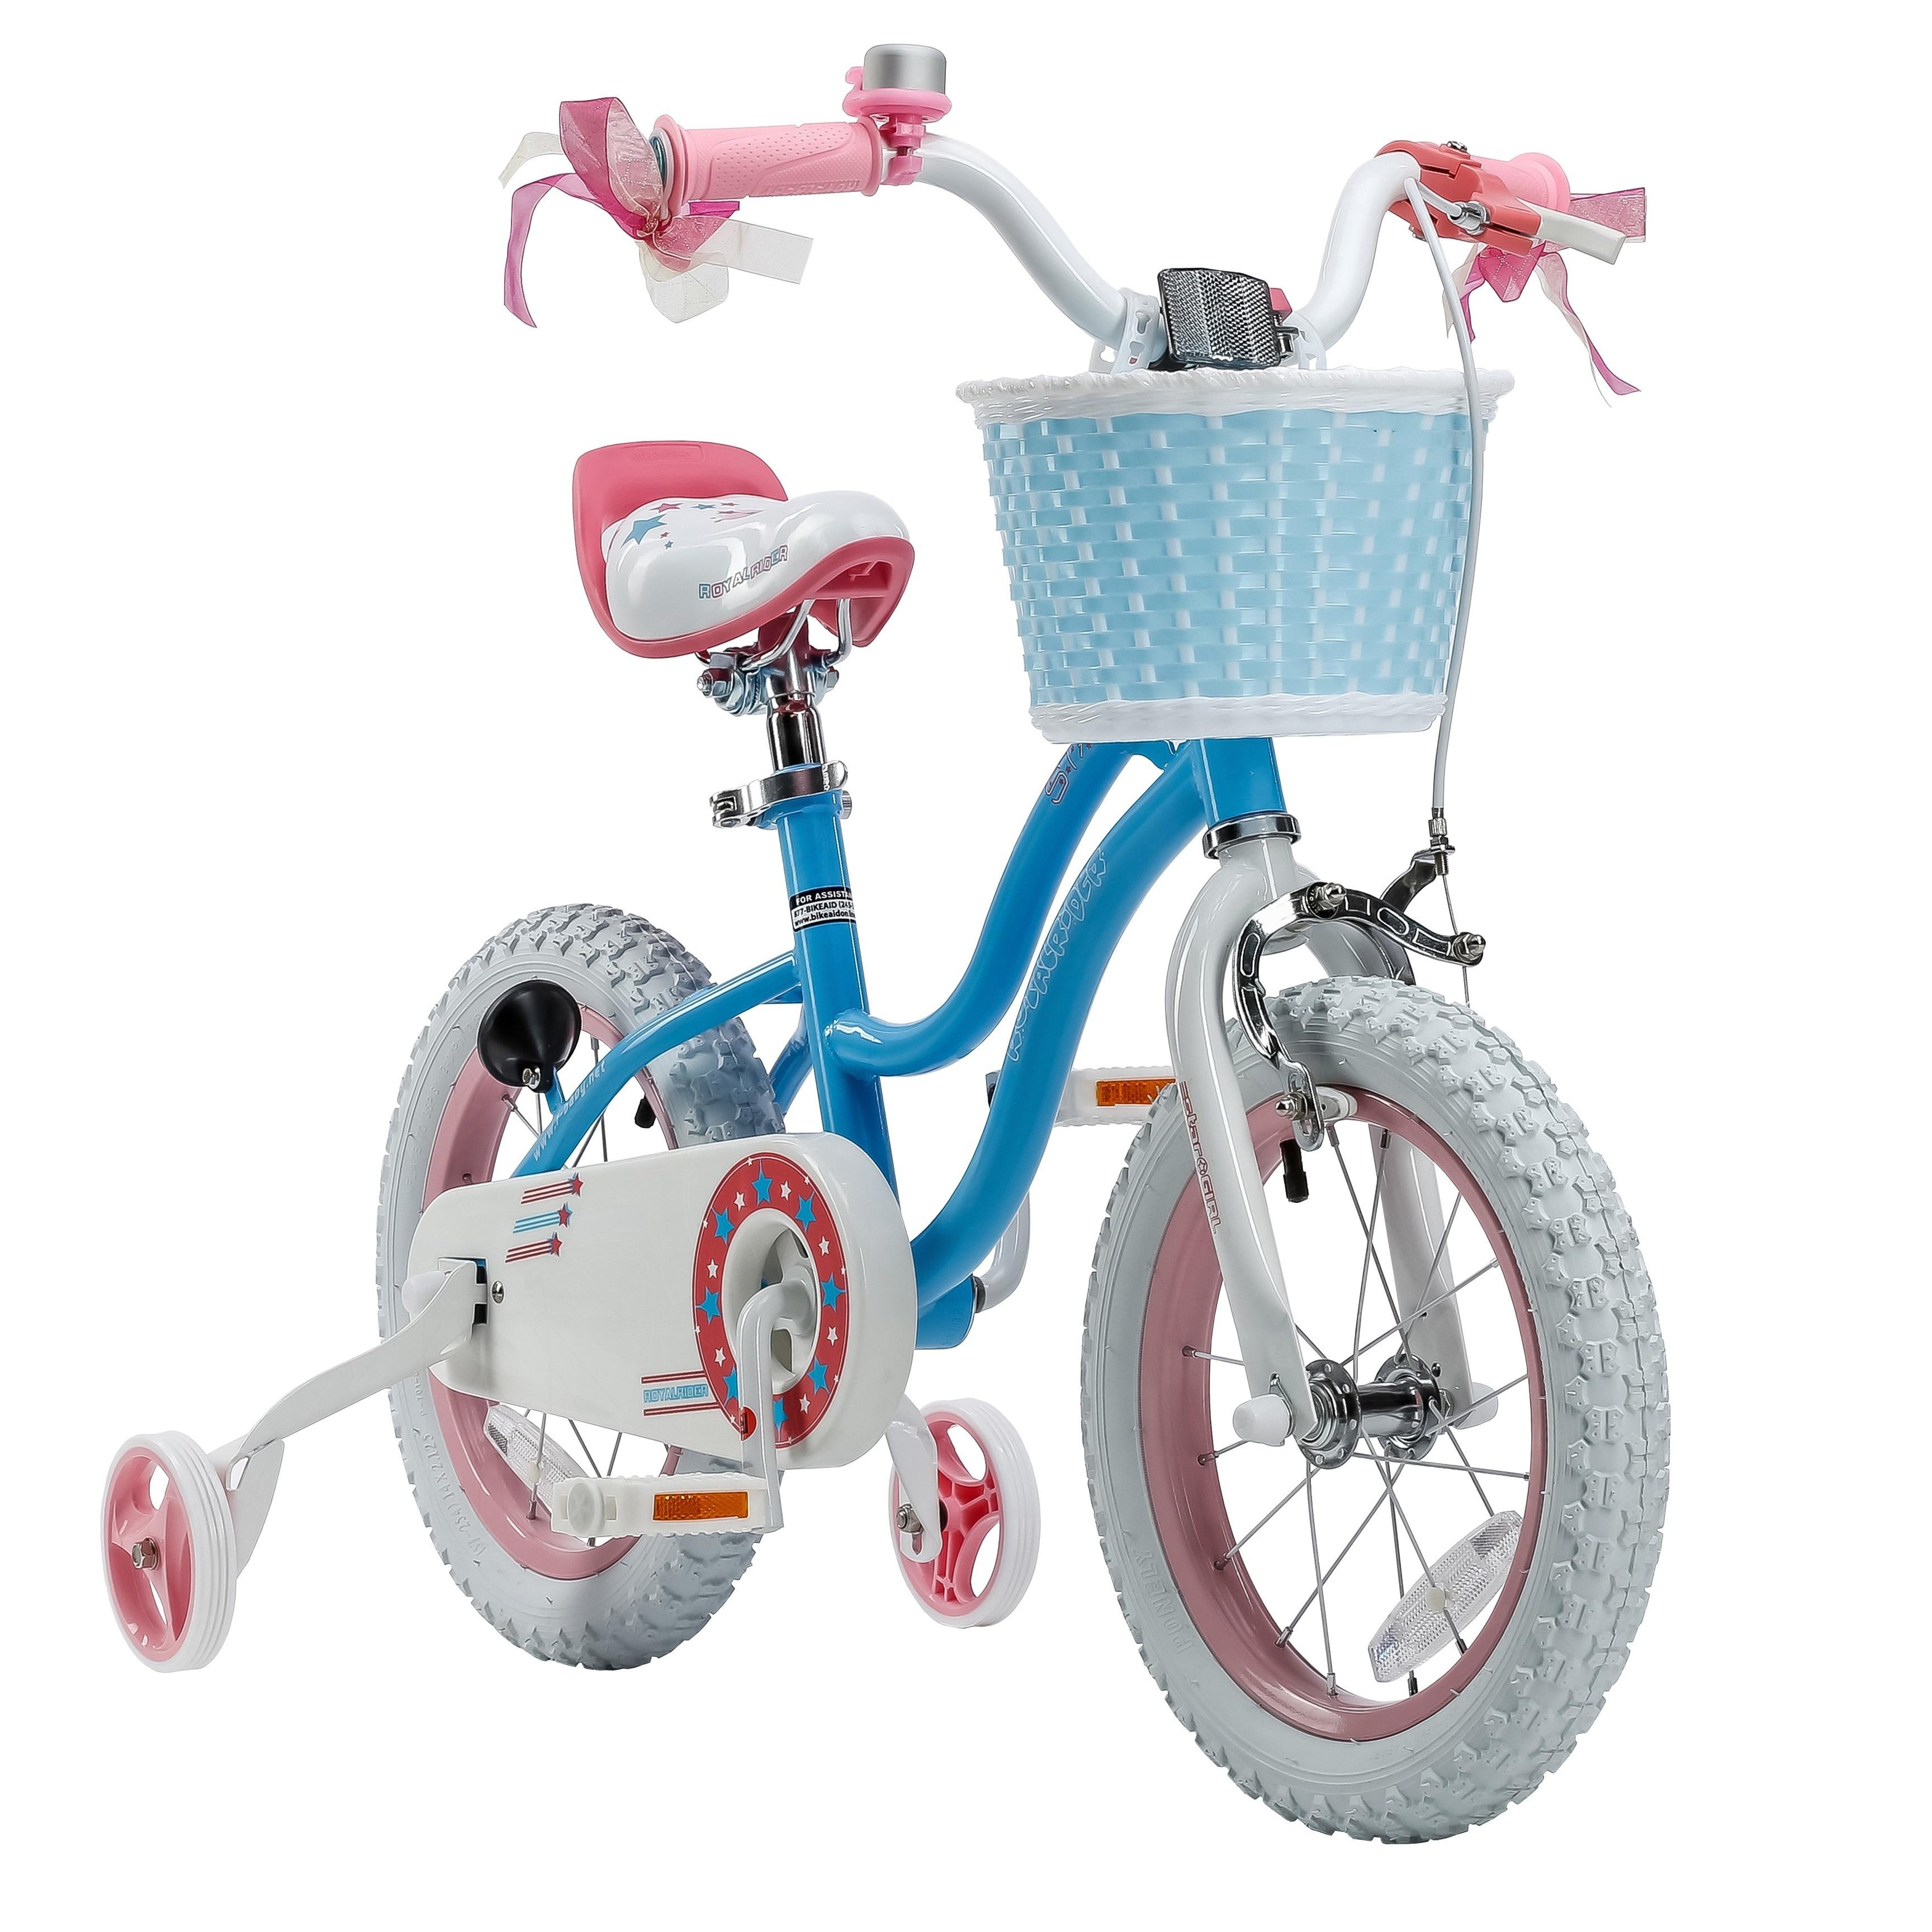 Royalbaby Stargirl 12-inch Kids' Bike with Training Wheel...